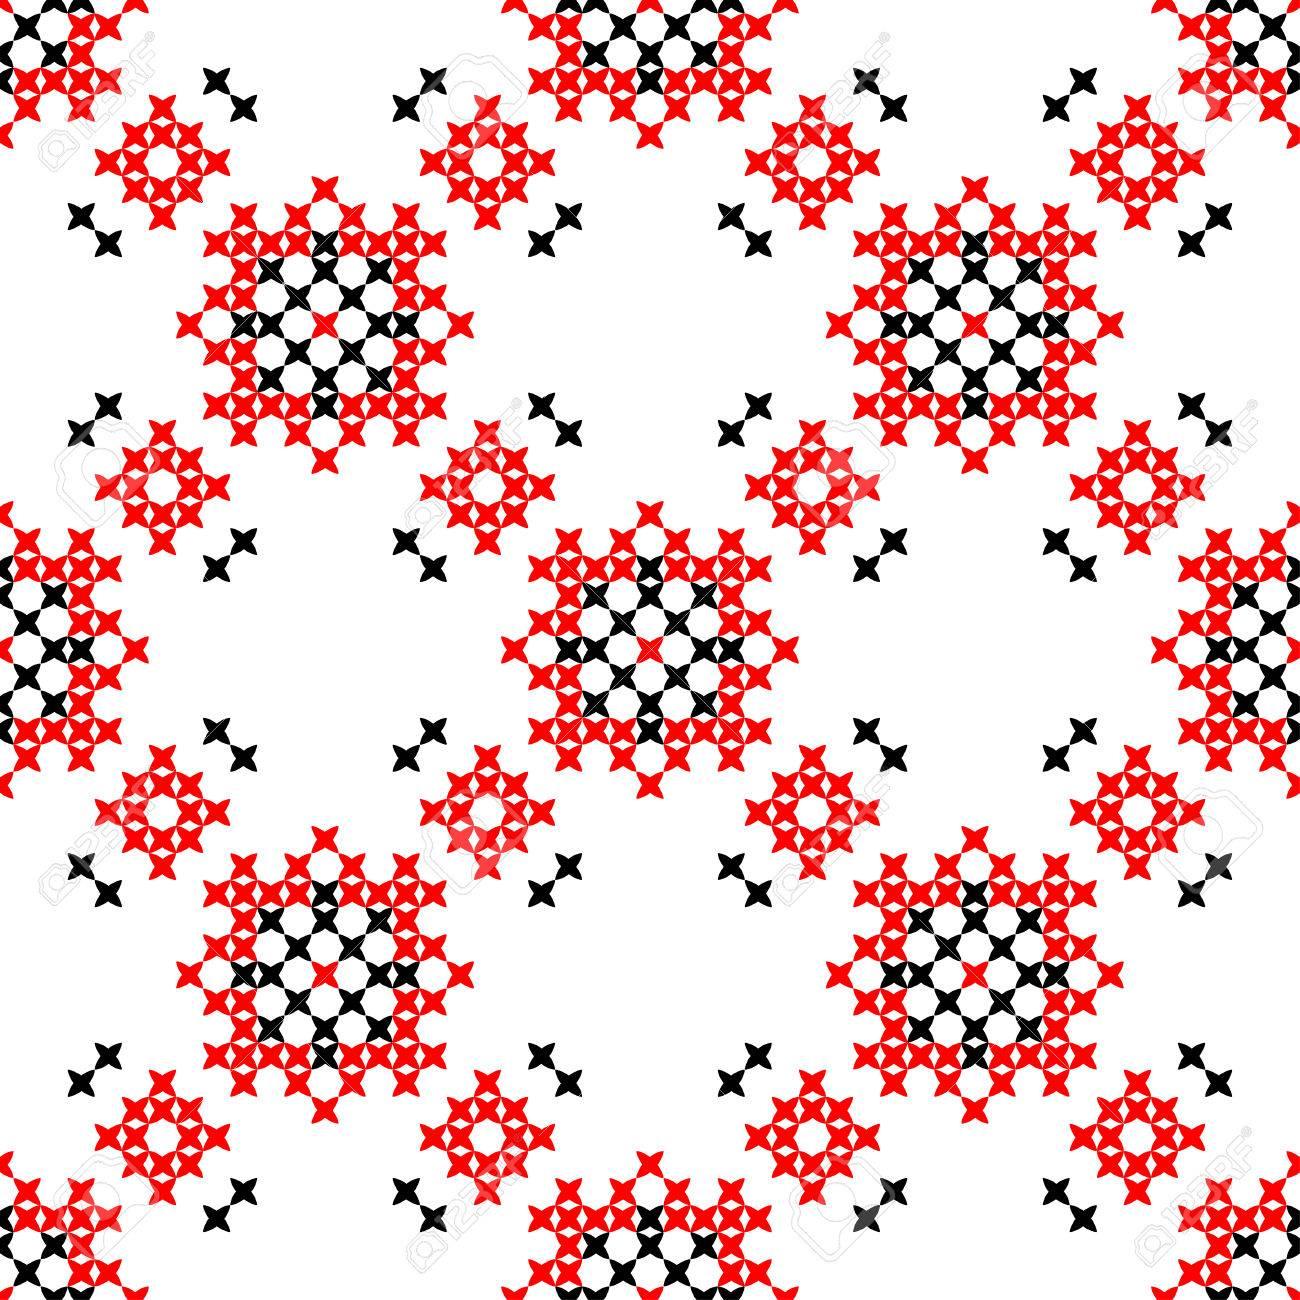 Perfecta Textura Bordado De Patrones Abstractos Planos De Color Rojo ...